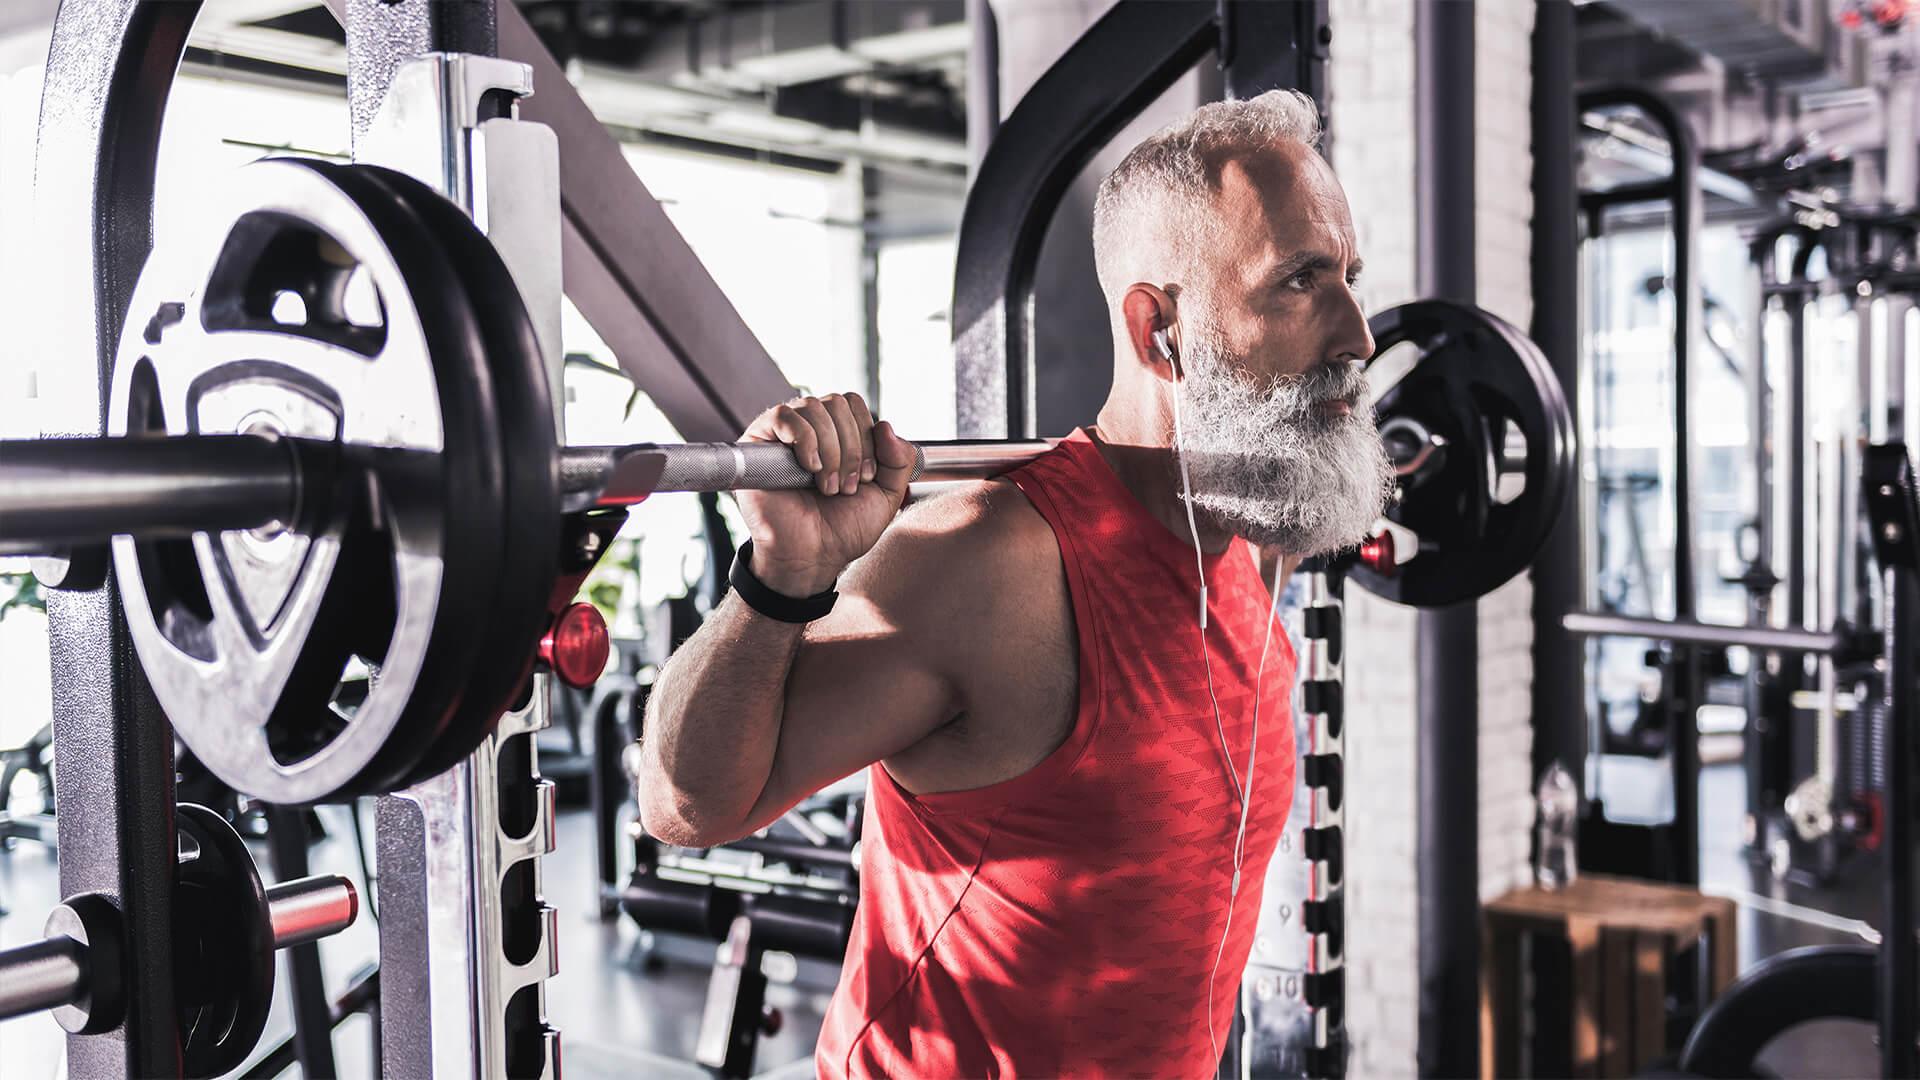 Развитие мышц в возрасте за сорок: фото 2.